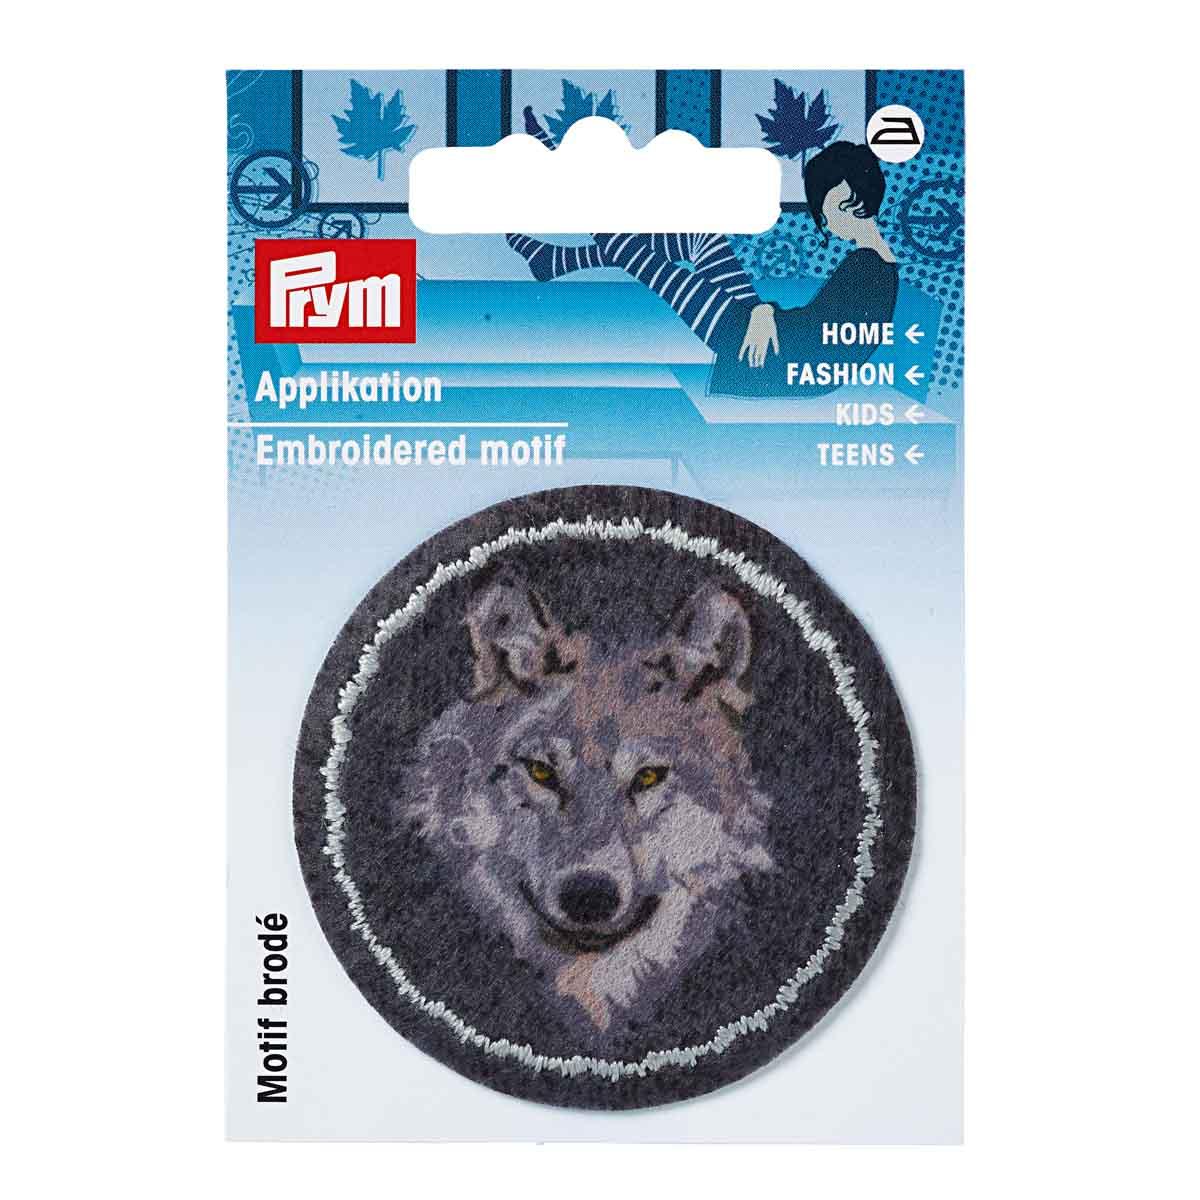 923178 Термоаппликация Заплатка Волк сер./антр. 1шт. Prym